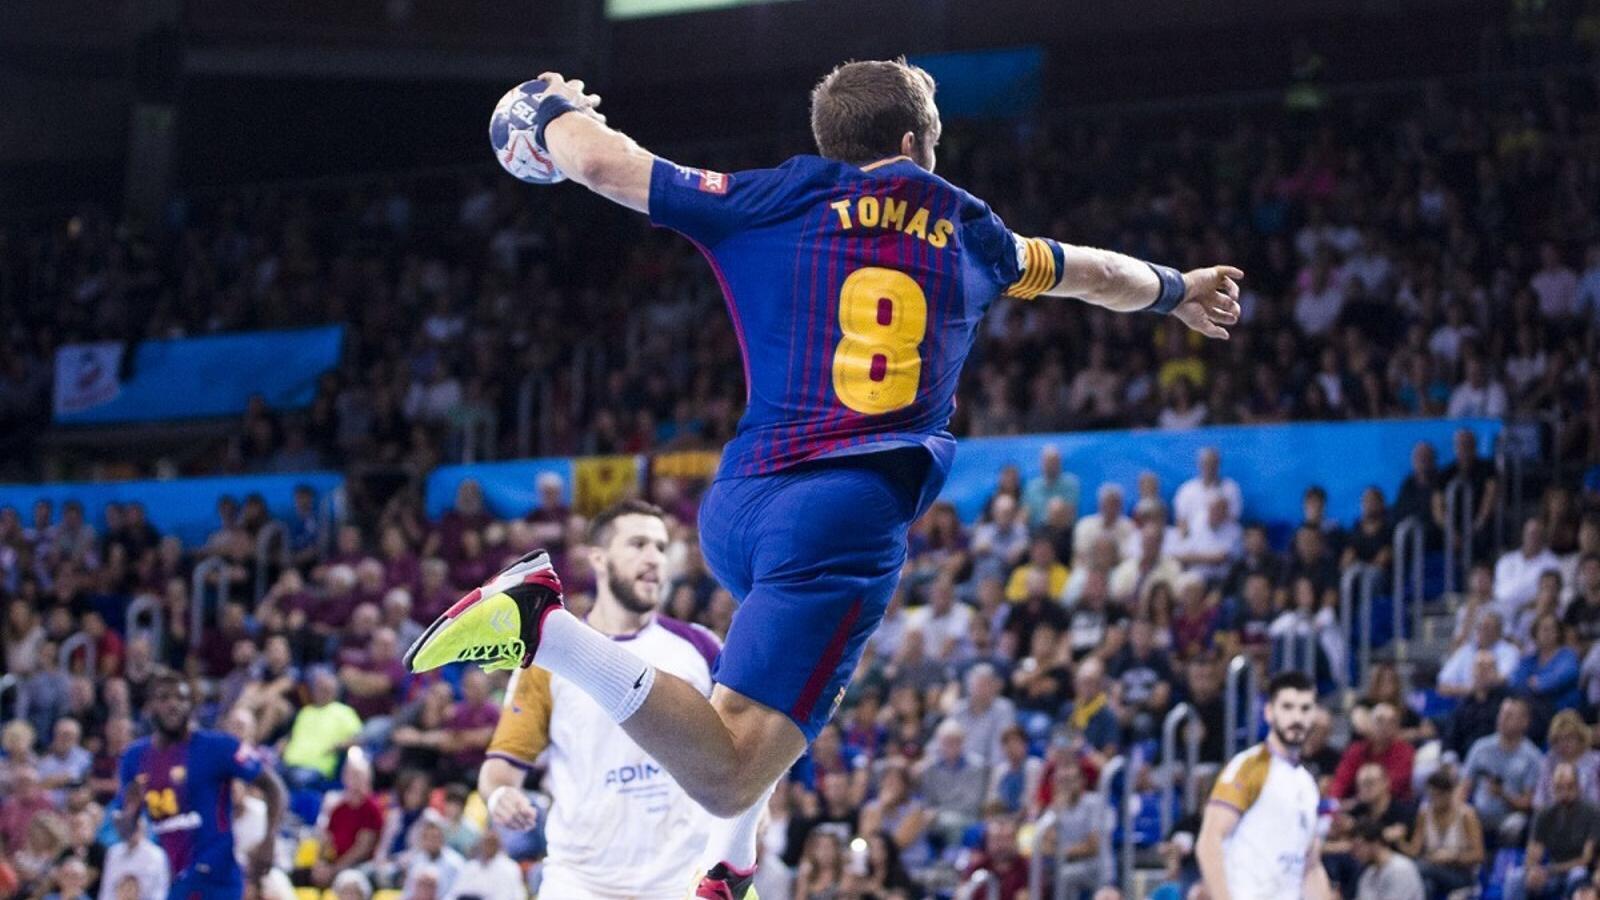 Víctor Tomás, durant el partit entre el Barça Lassa i el Nantes